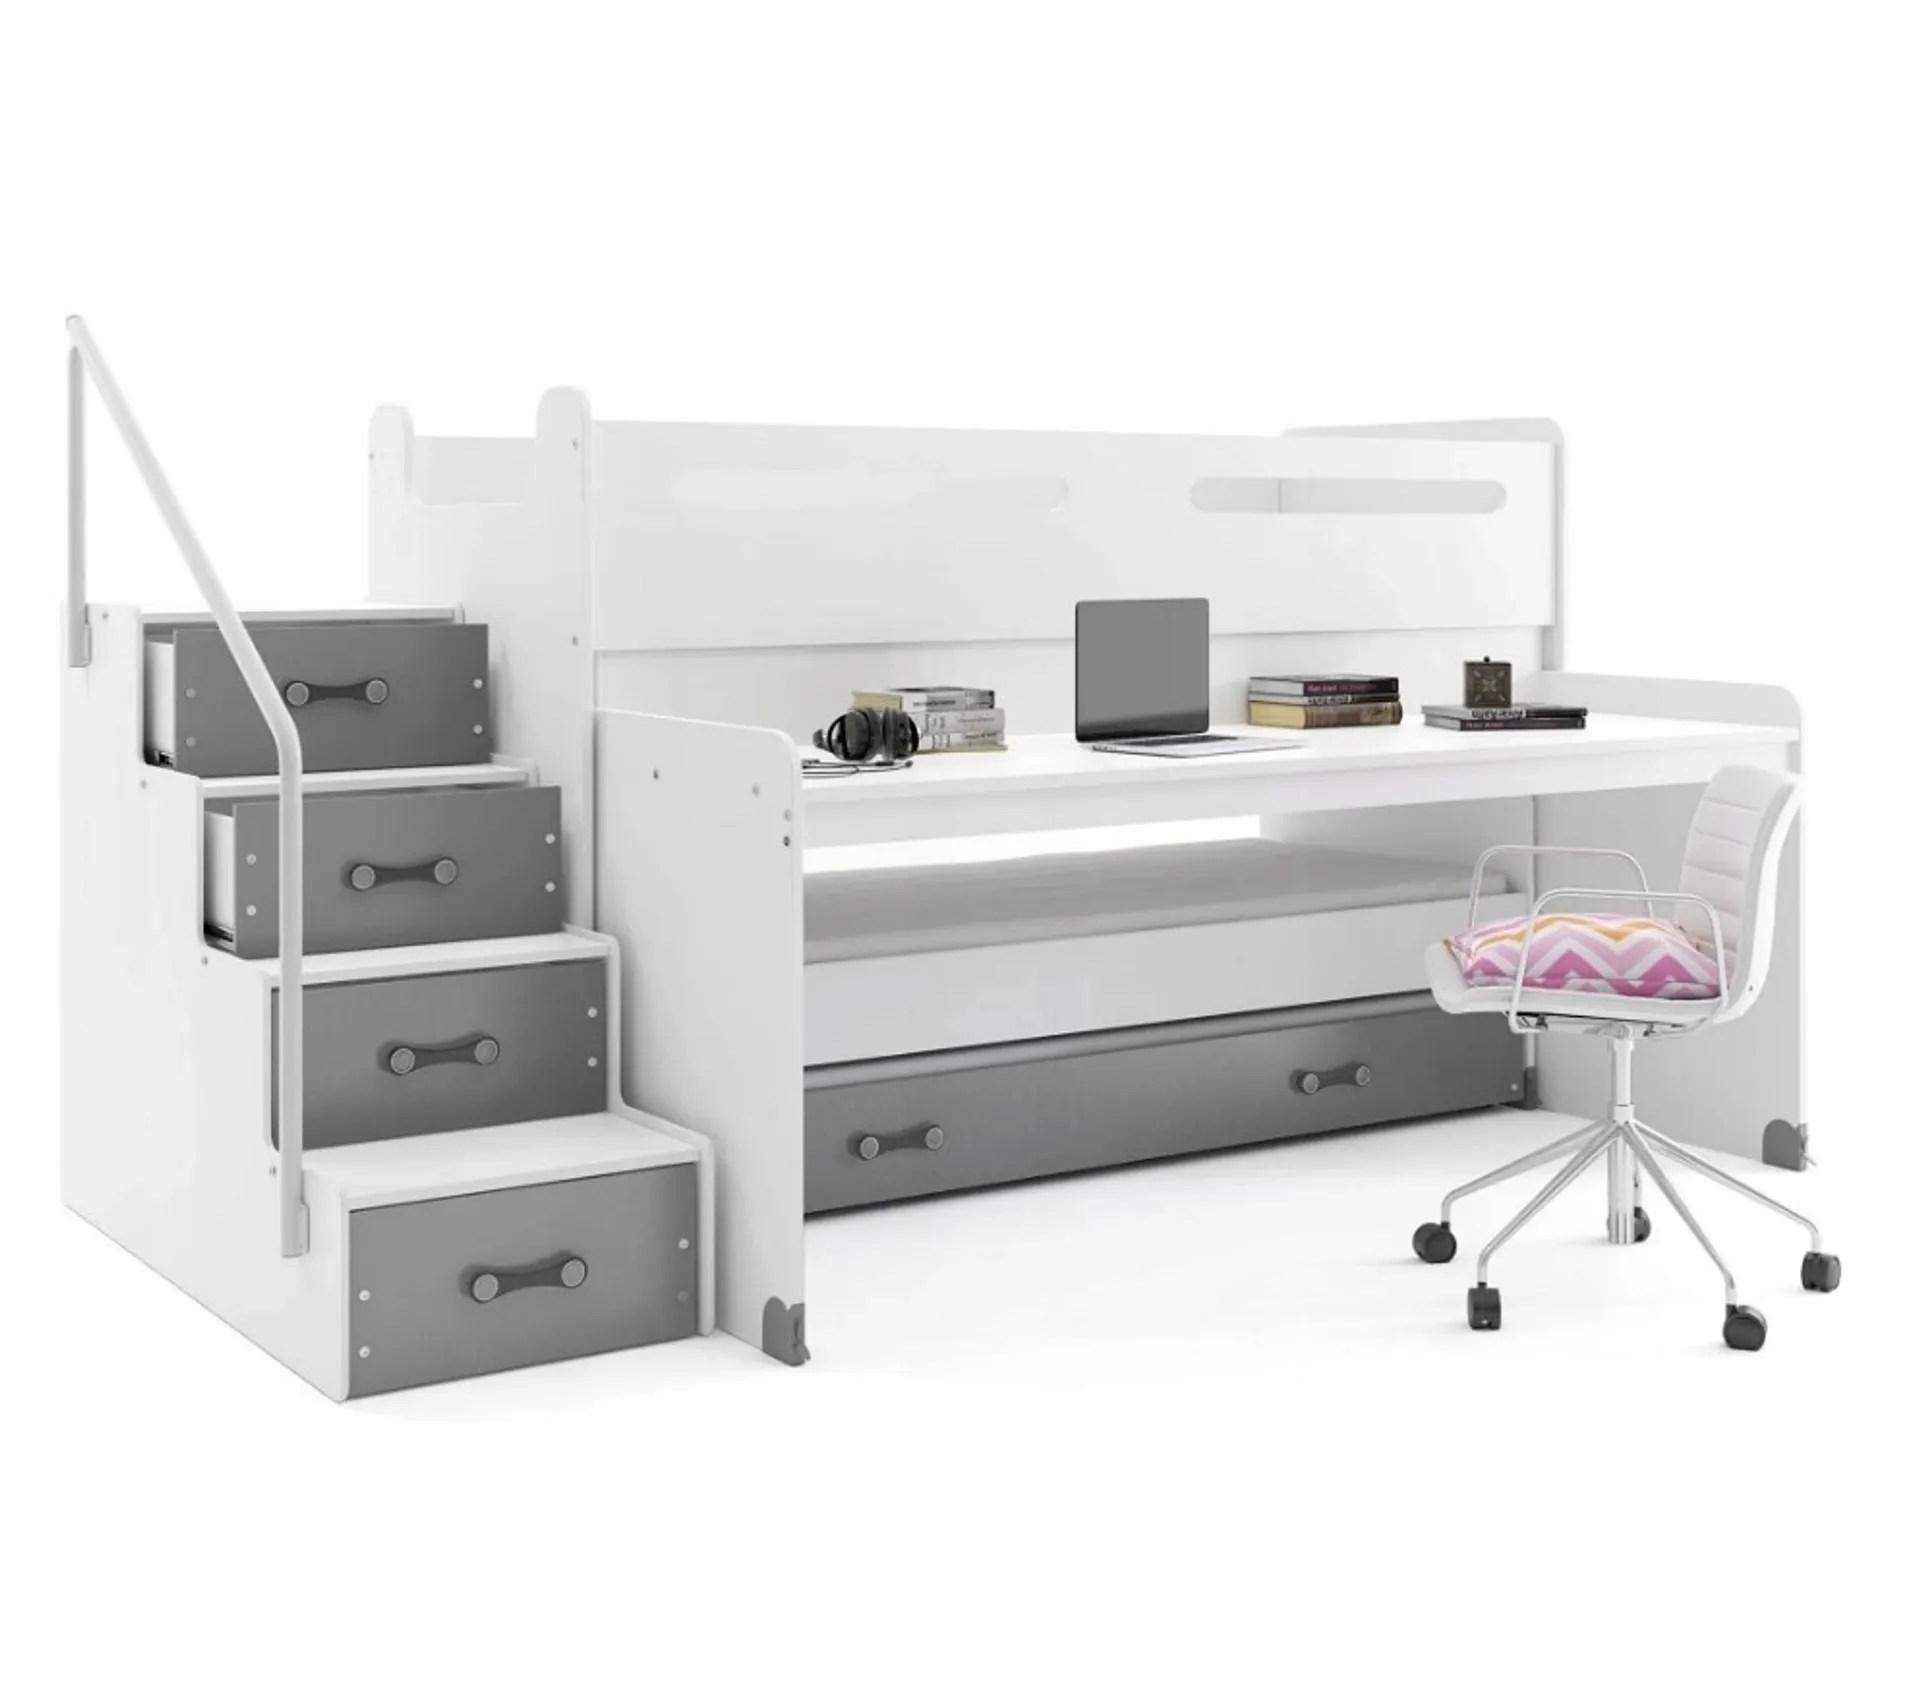 lit enfant avec bureau max 1 avec 3 couchages 200x80 190x80 180x80 en blanc gris